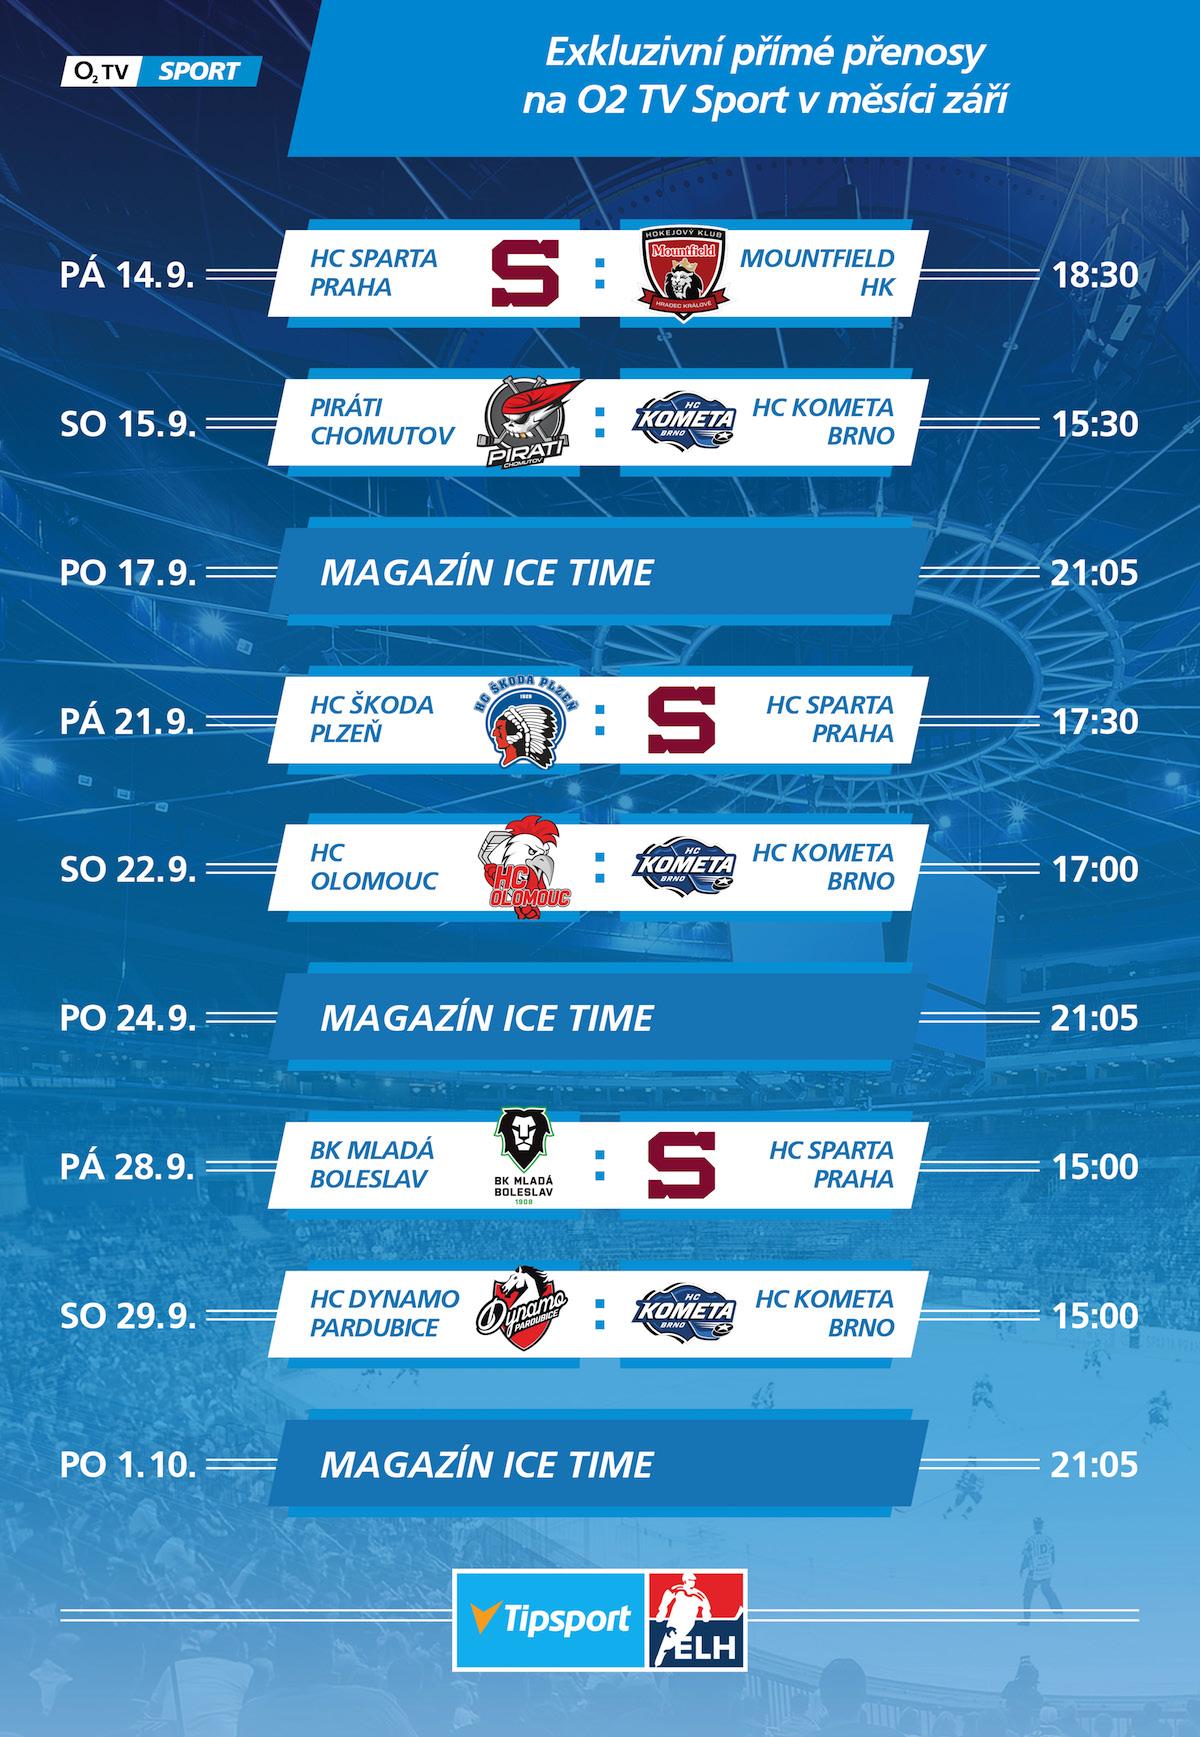 Přímé hokejové přenosy O2 TV Sport v září 2018